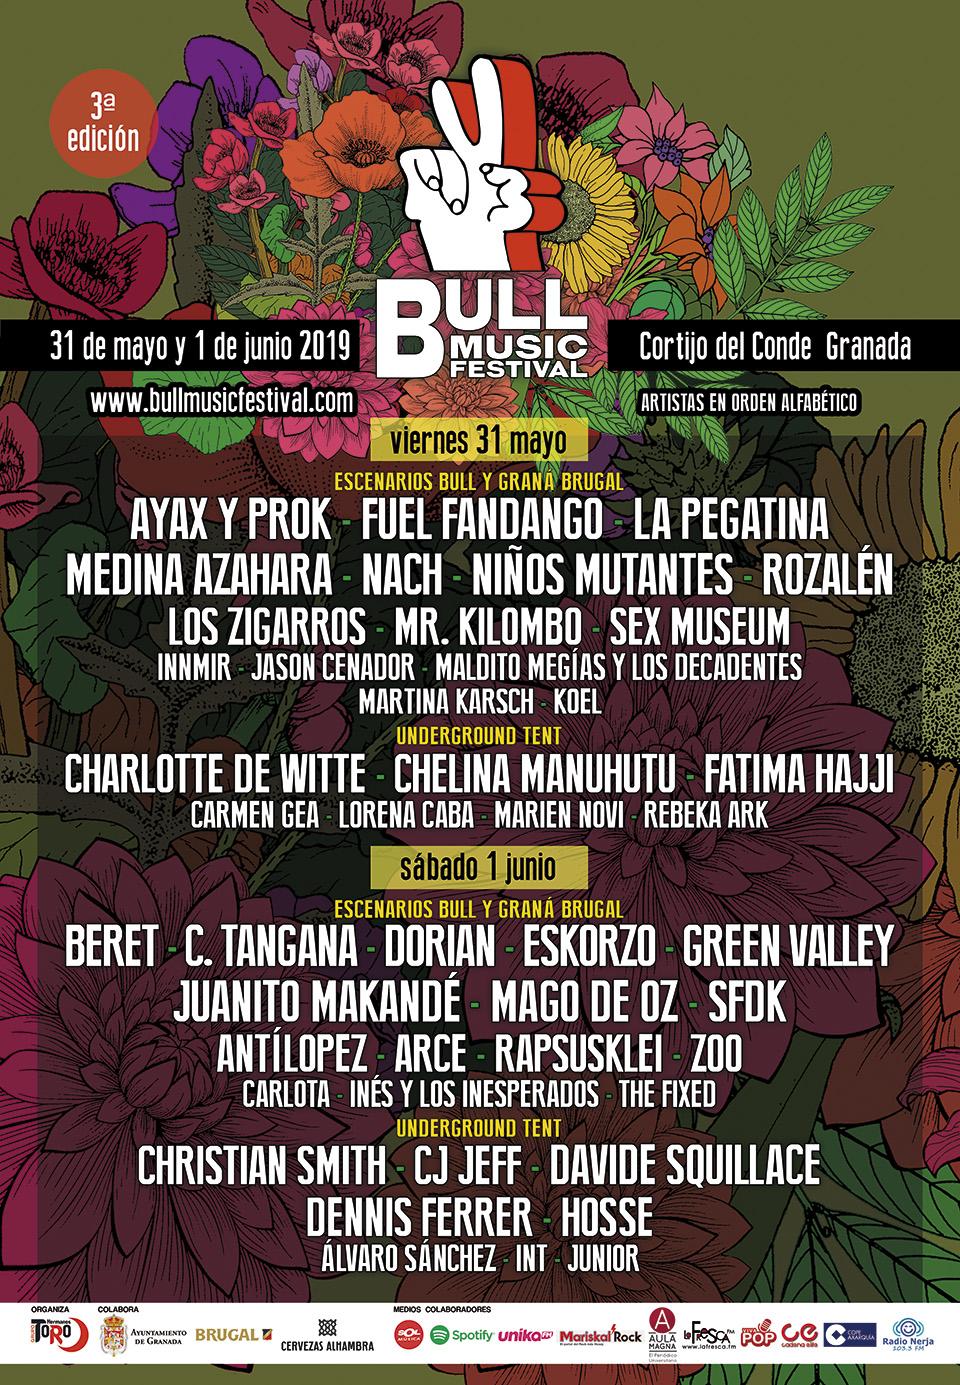 Bull Music Festival 2019 anuncia la división por días de su cartel artístico